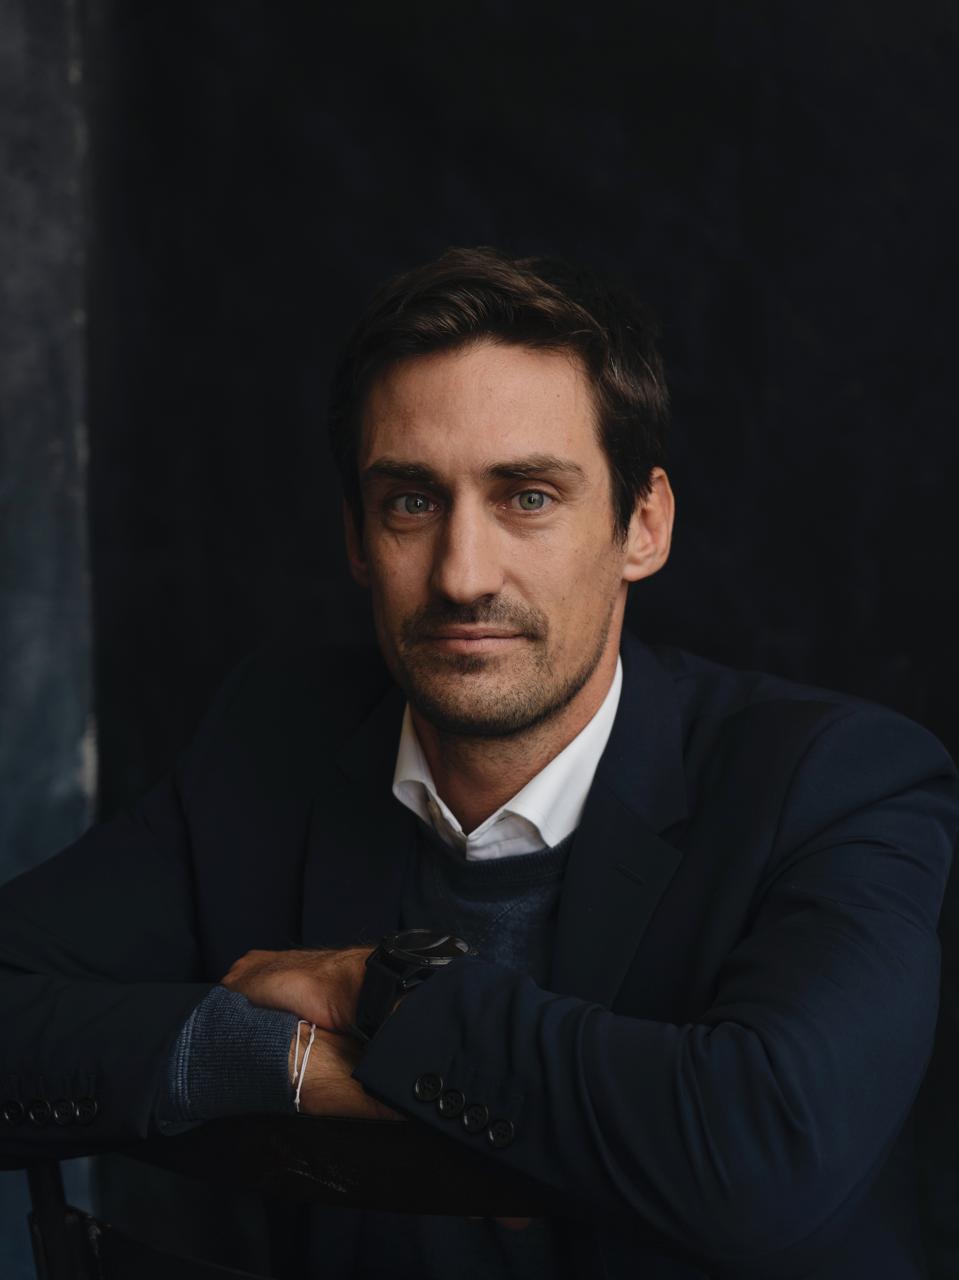 CEO Checkout.com Guillaume Pousaz.